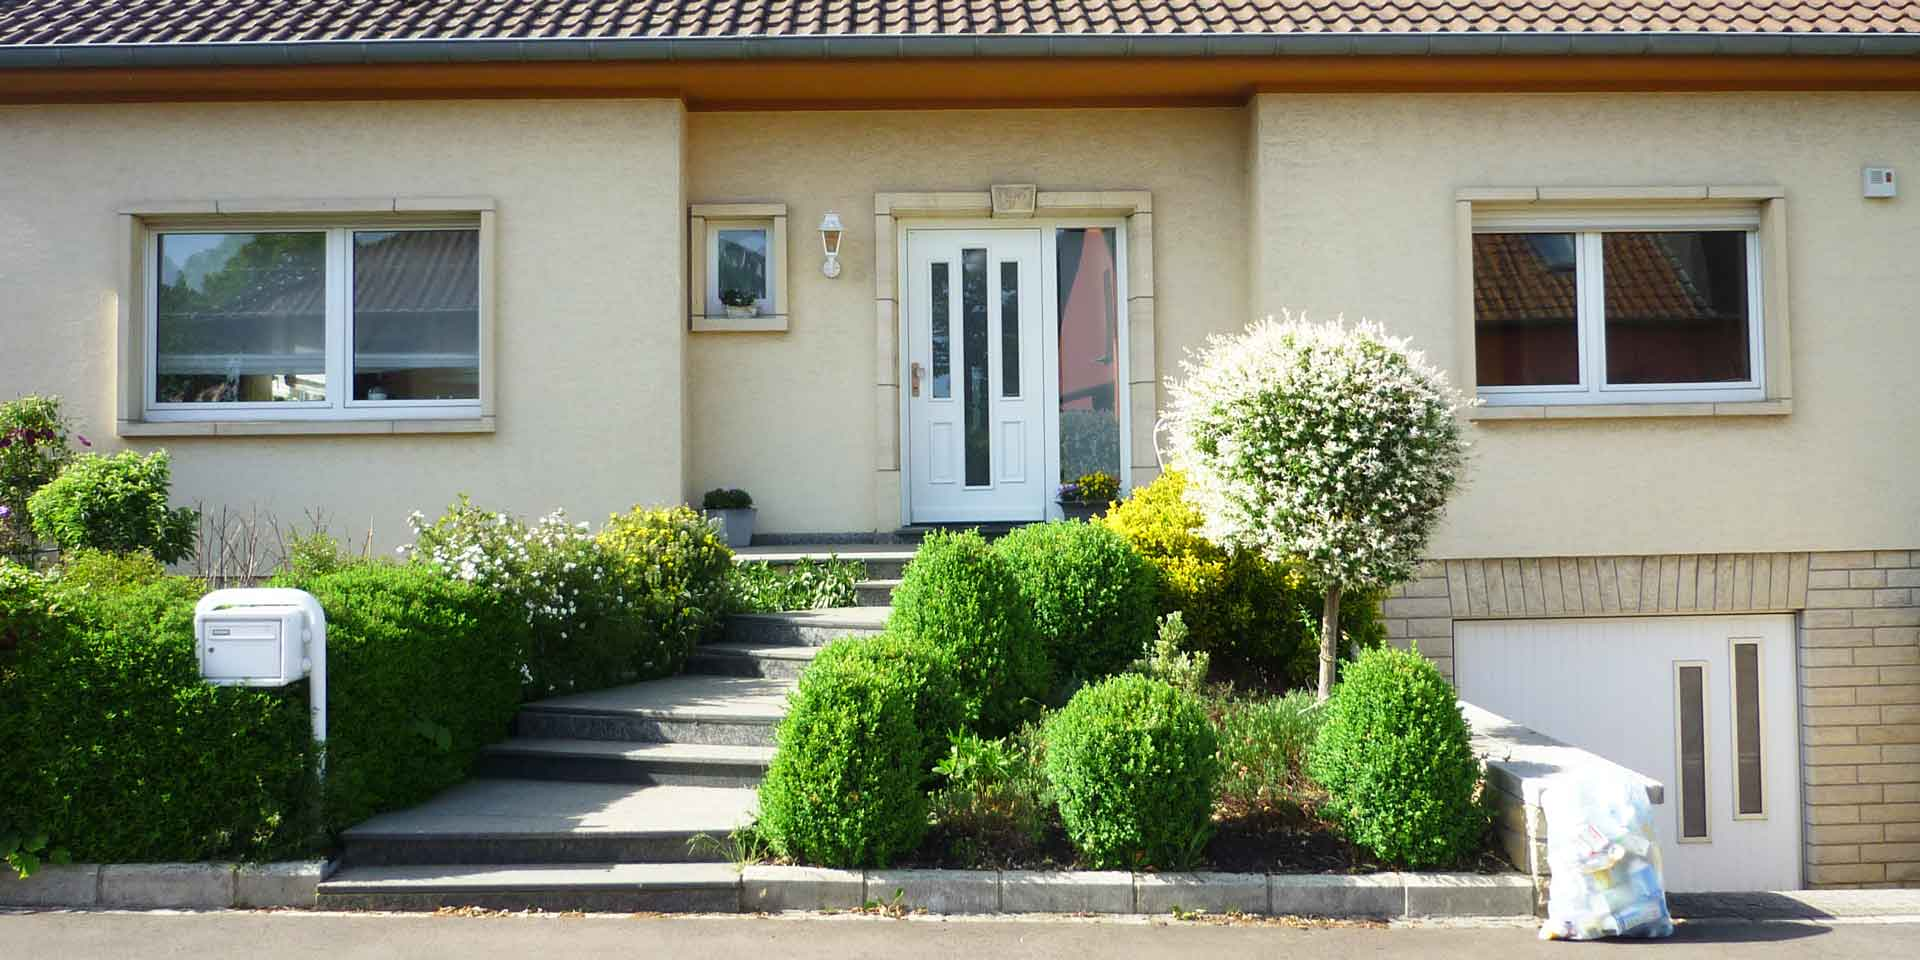 Gelbliches Einfamilienhaus mit einer weißen Coplaning Lack Haustür mit Glas und einem weißen Coplaning Garagentor mit Glausausschnitten.